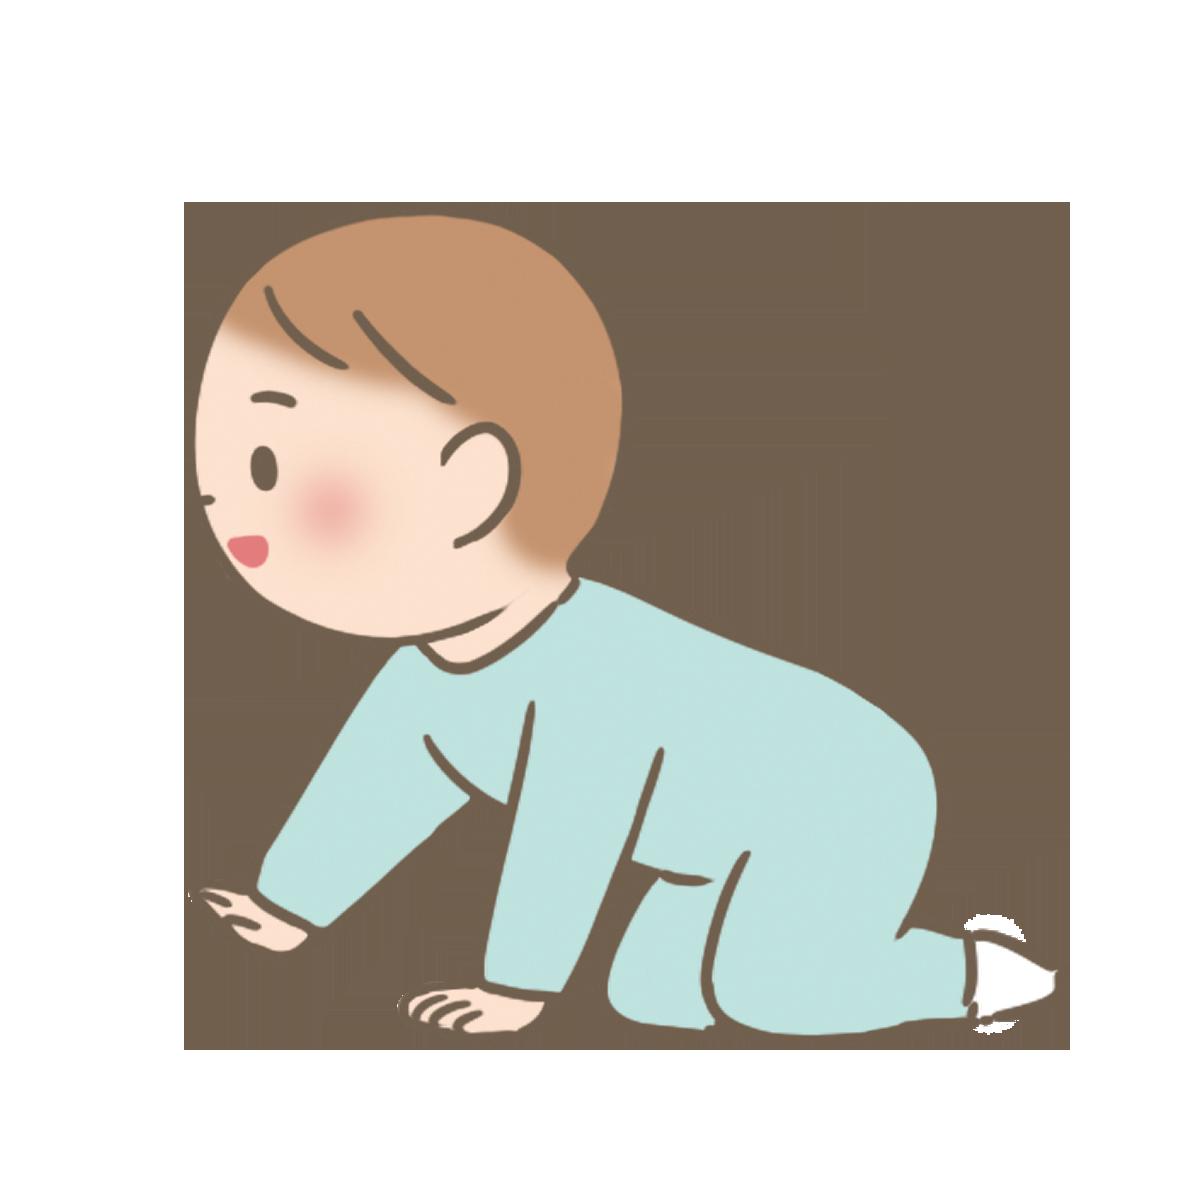 はいはいをする赤ちゃんのイラストフリー素材看護rooカンゴルー